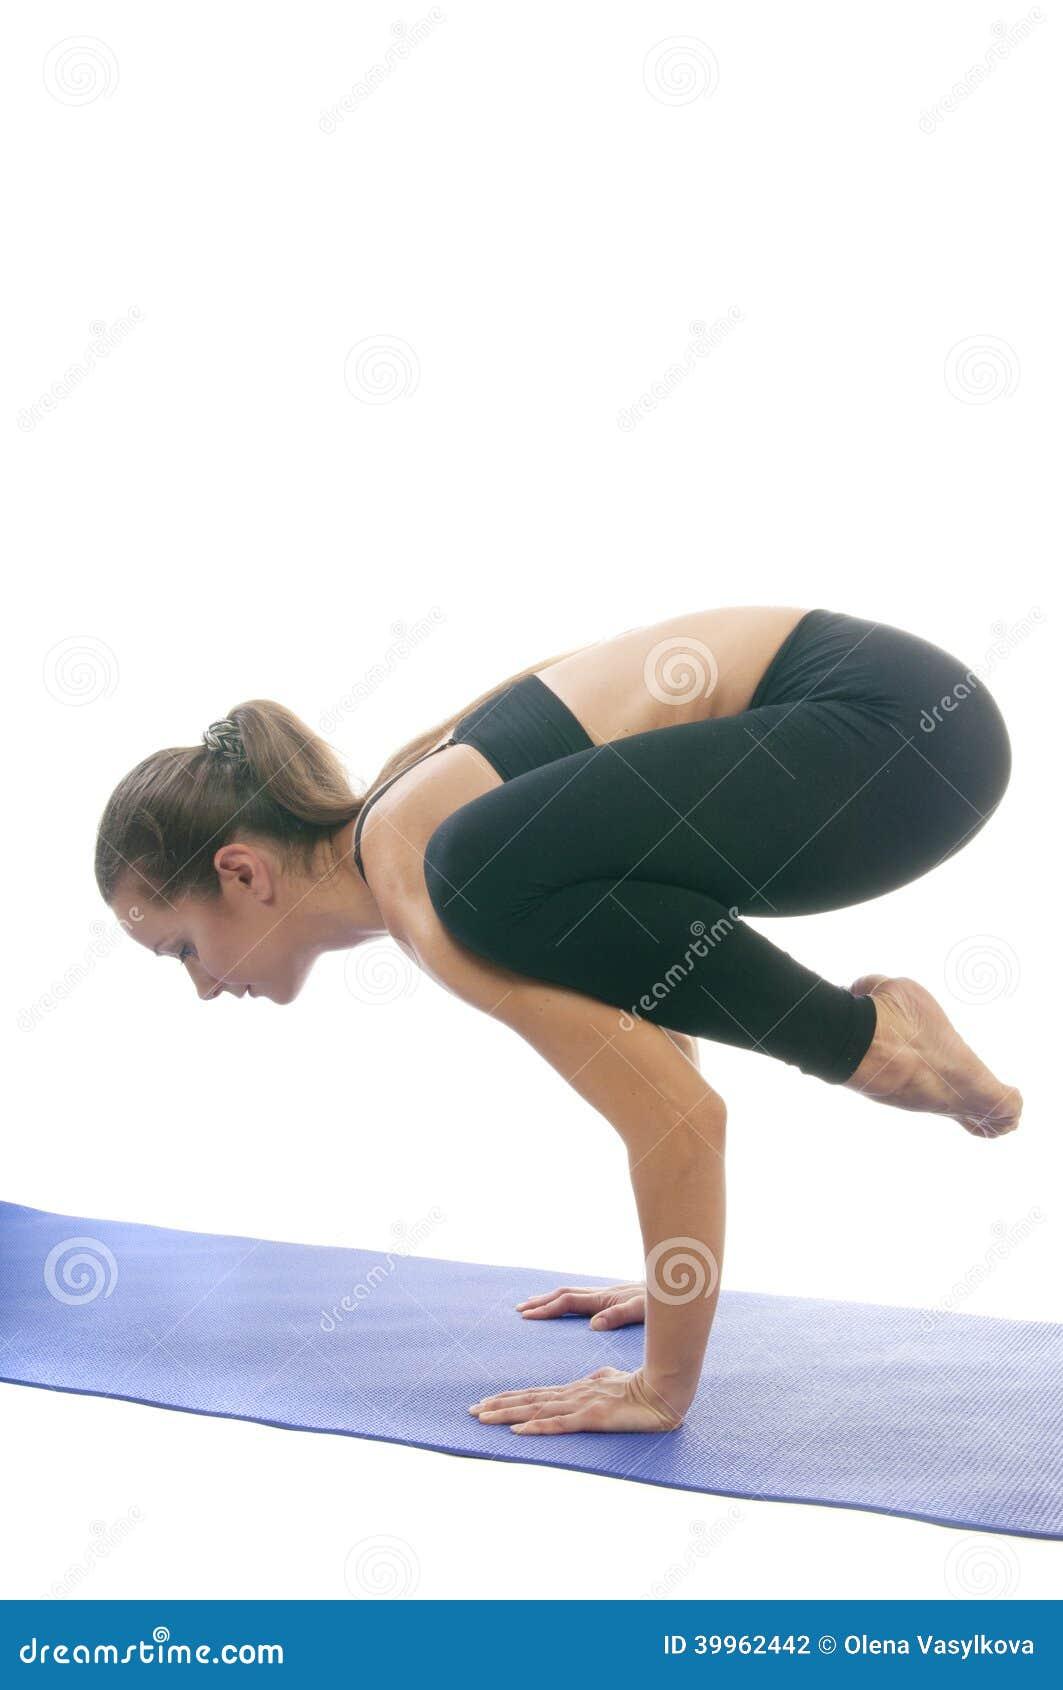 Bakasana stock photo. Image of lifestyle, agility, posture ...